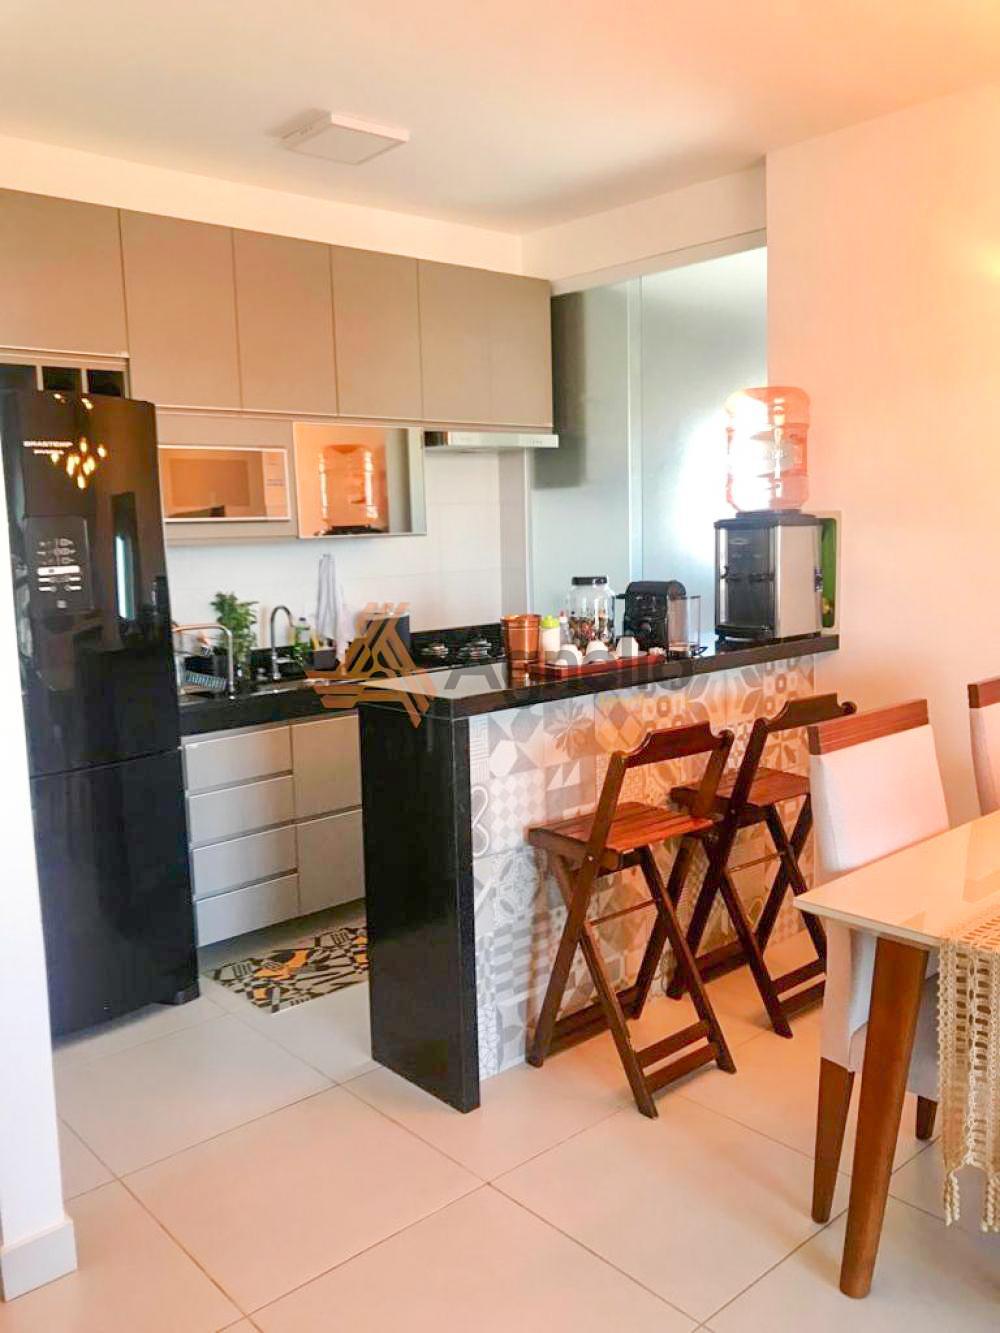 Comprar Apartamento / Padrão em Franca apenas R$ 389.000,00 - Foto 4